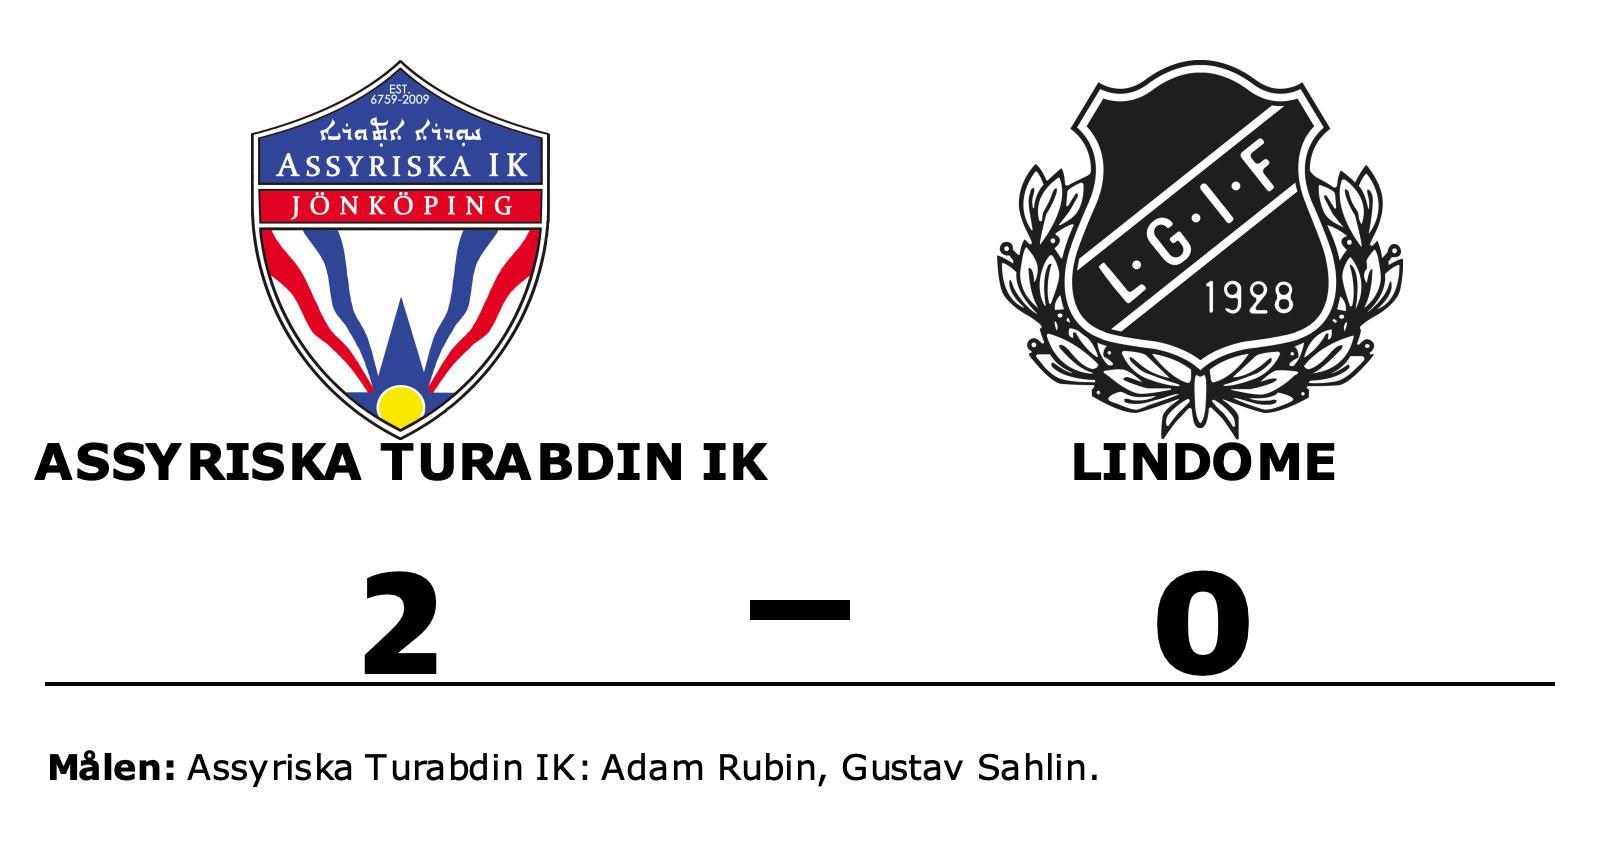 Segerlös svit bröts när Assyriska Turabdin IK vann mot Lindome med 2-0